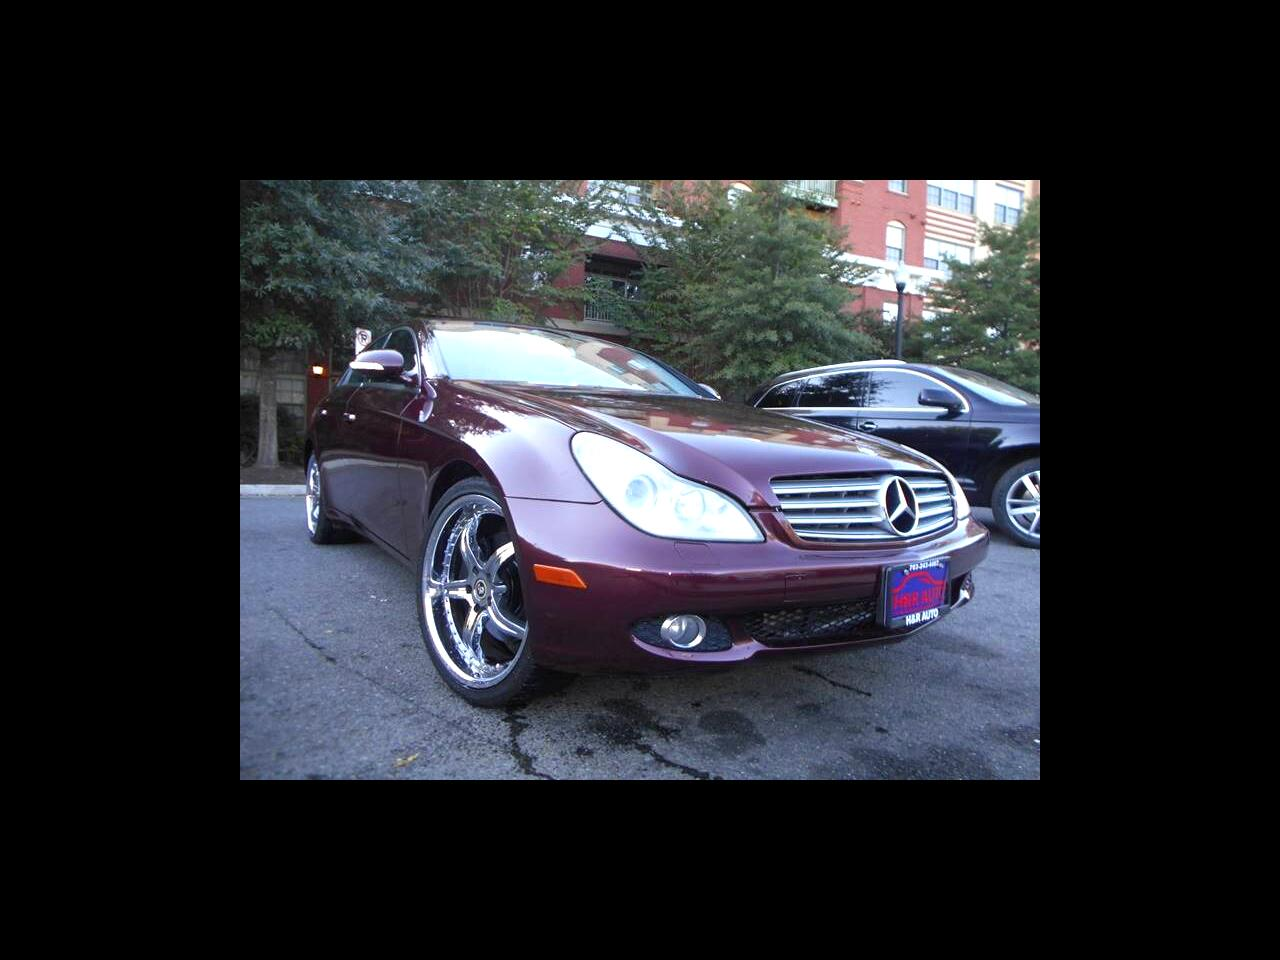 Mercedes-Benz CLS-Class 4dr Sdn 5.0L 2006